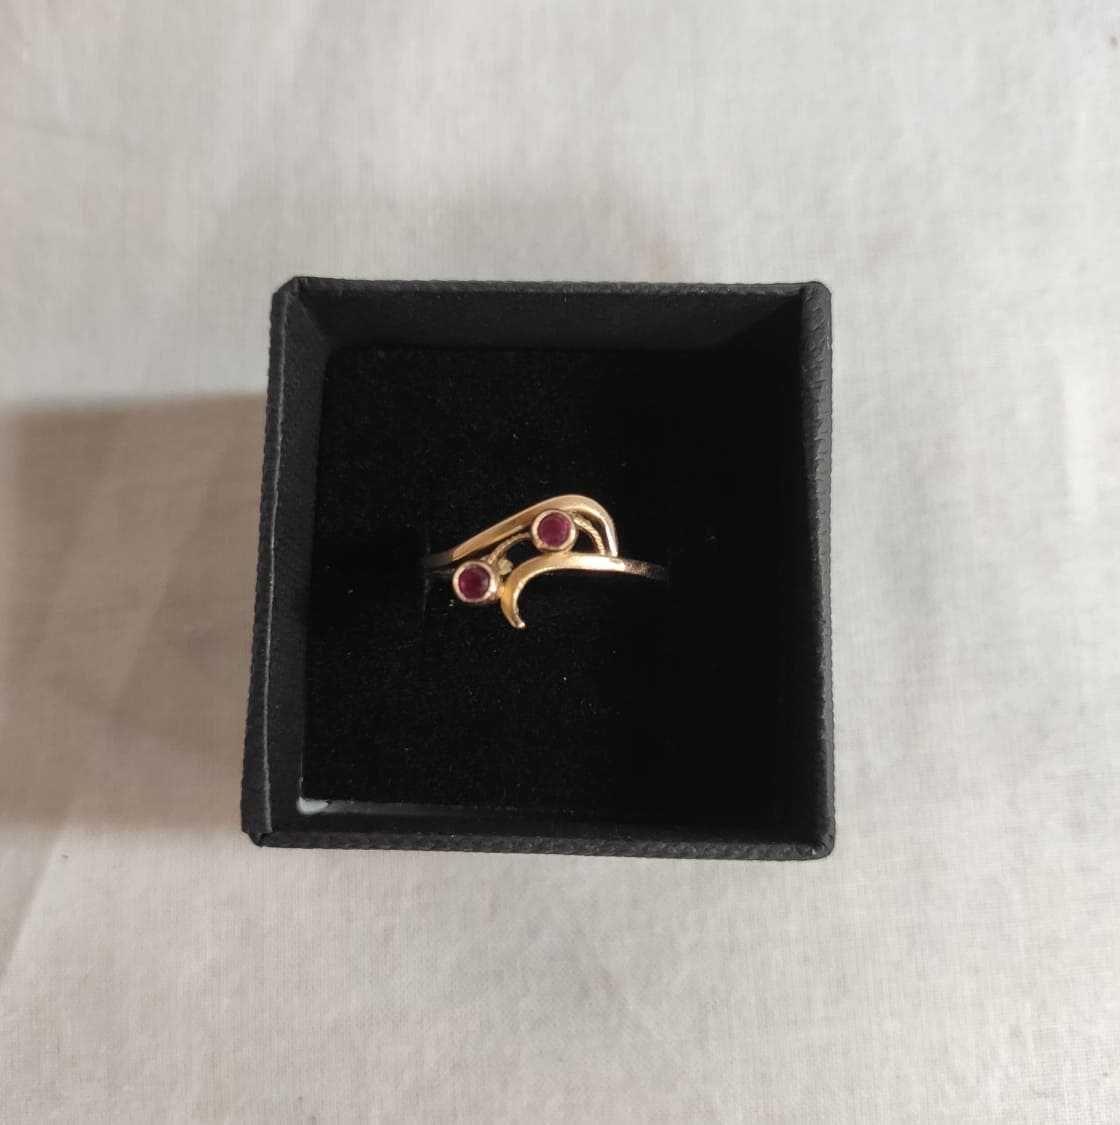 złoty pierścionek z rubinami, lombard madej sc